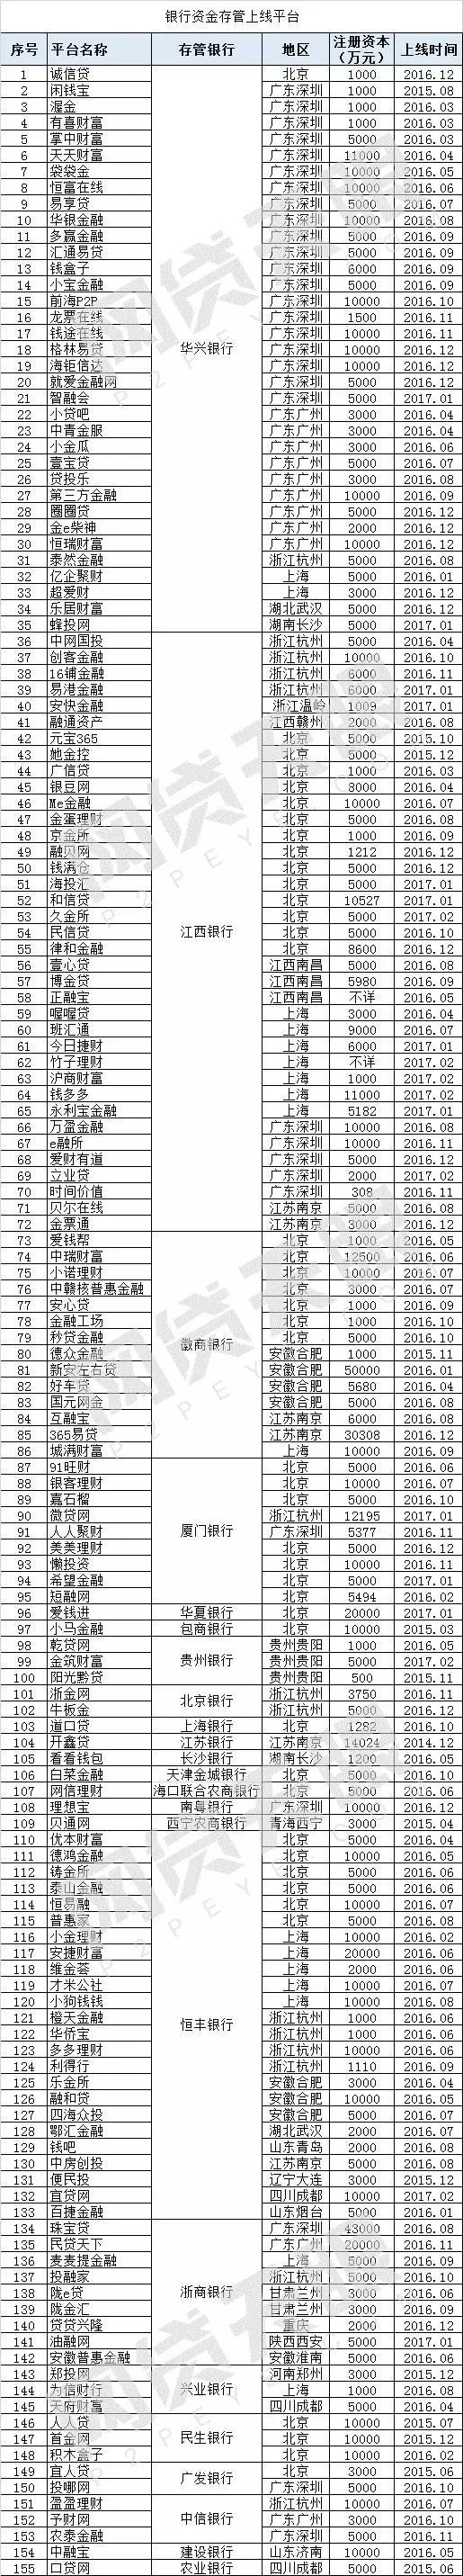 https://jz-public-cms.oss-cn-shenzhen.aliyuncs.com/gongsidongtai/201702/cunguan4.webp.jpg